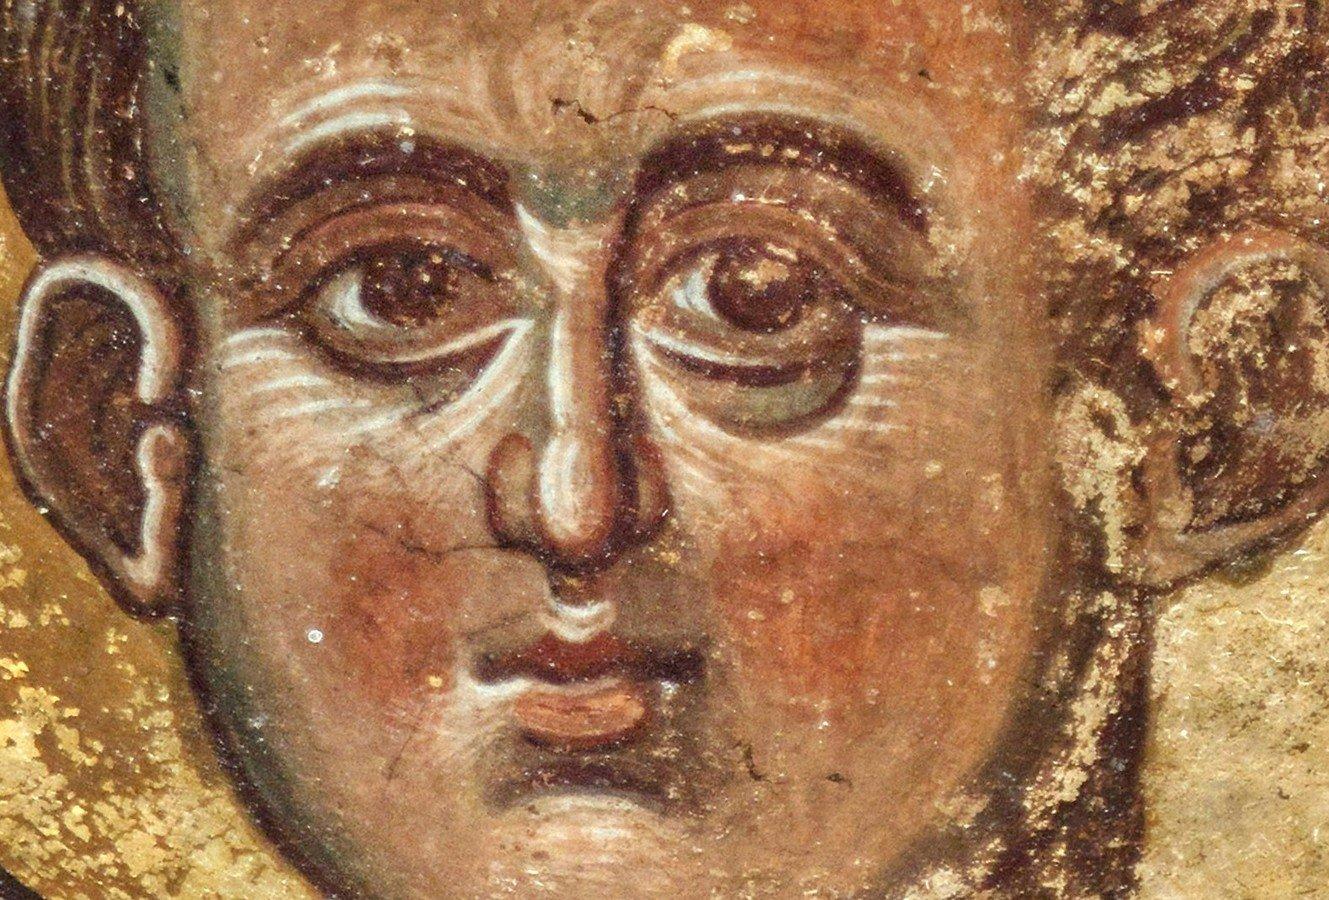 Христос Эммануил. Фреска монастыря Тири, Южная Осетия. XIV - XV век.